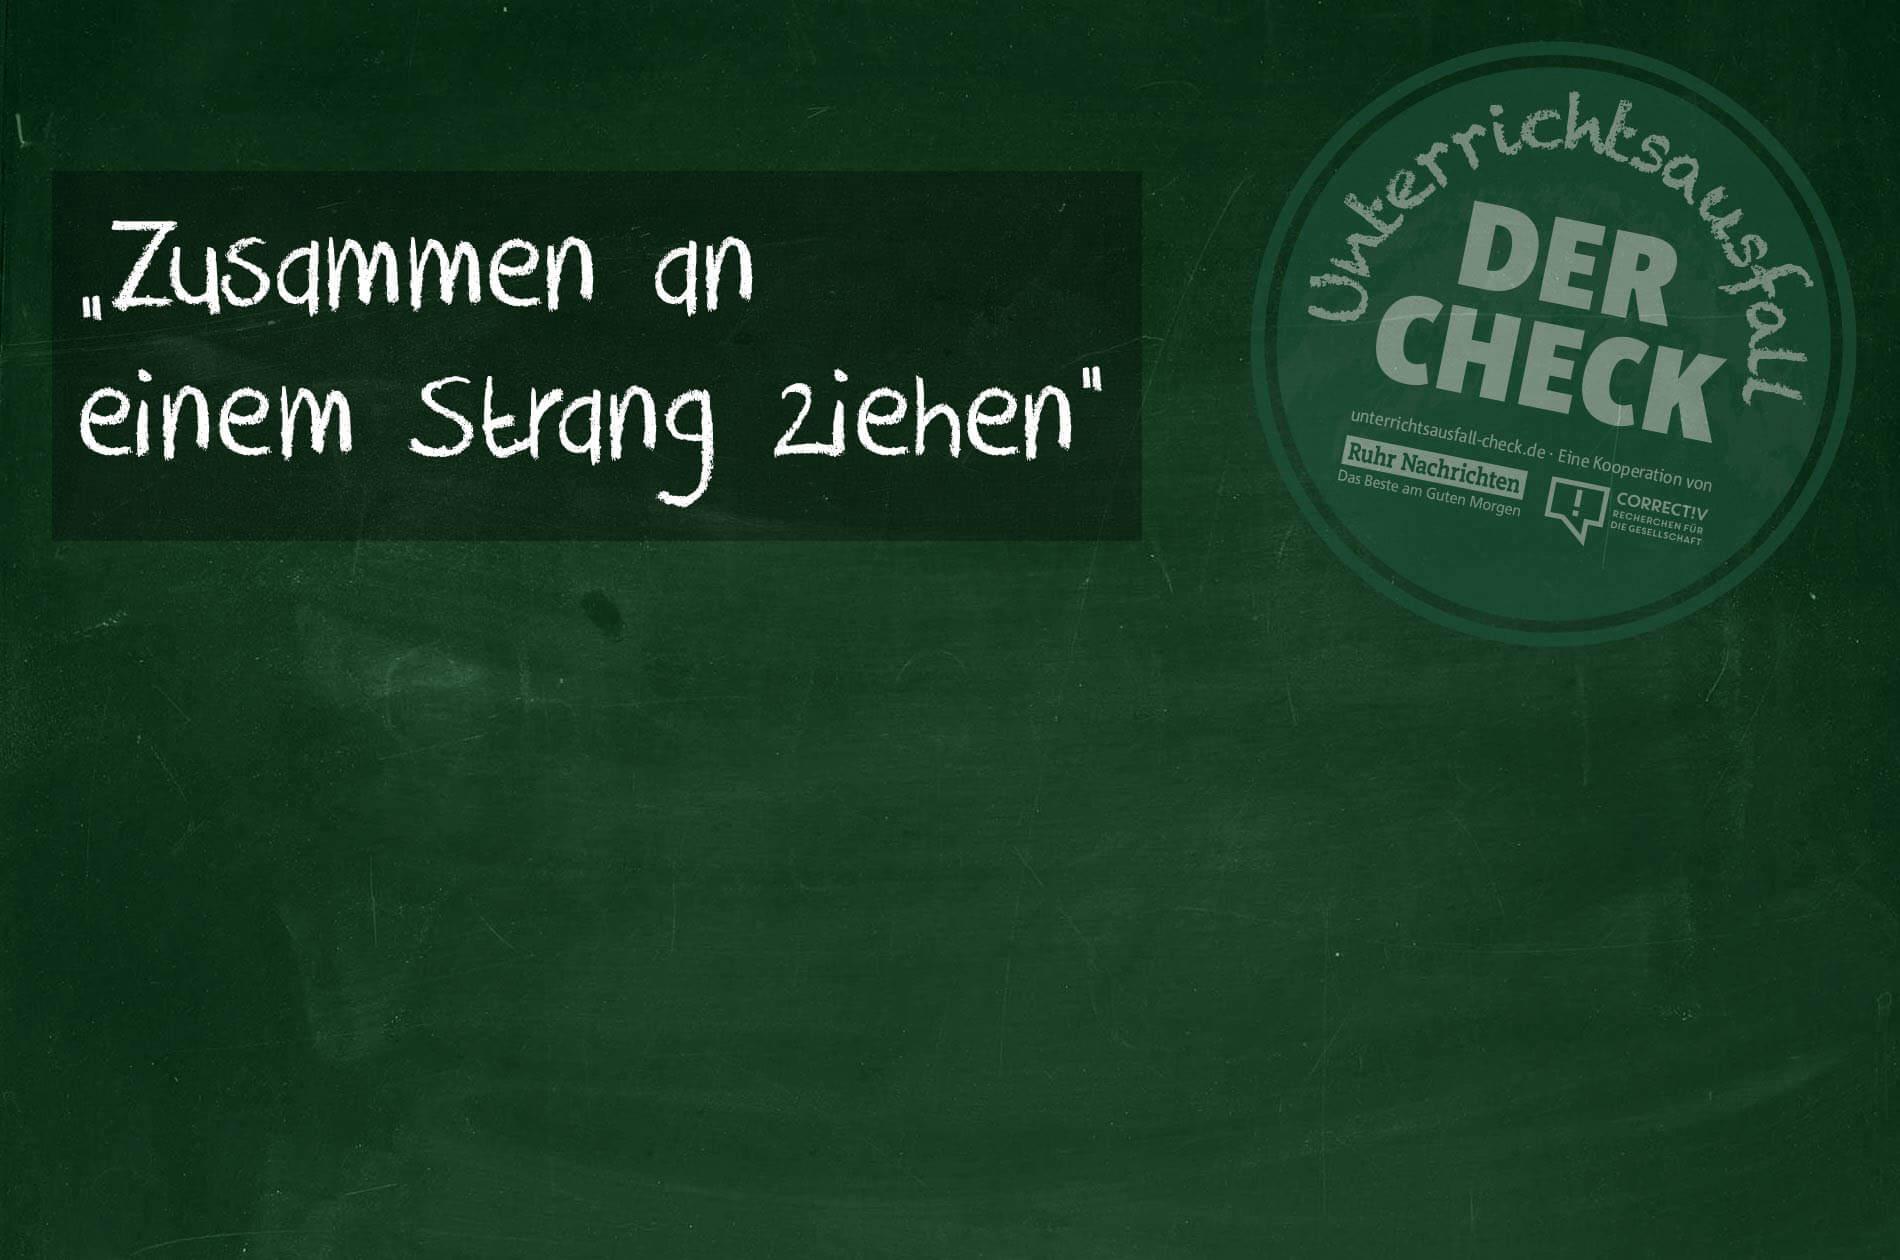 Unterrichtsausfall Der Check Arnsberg Legt Schreiben Offen